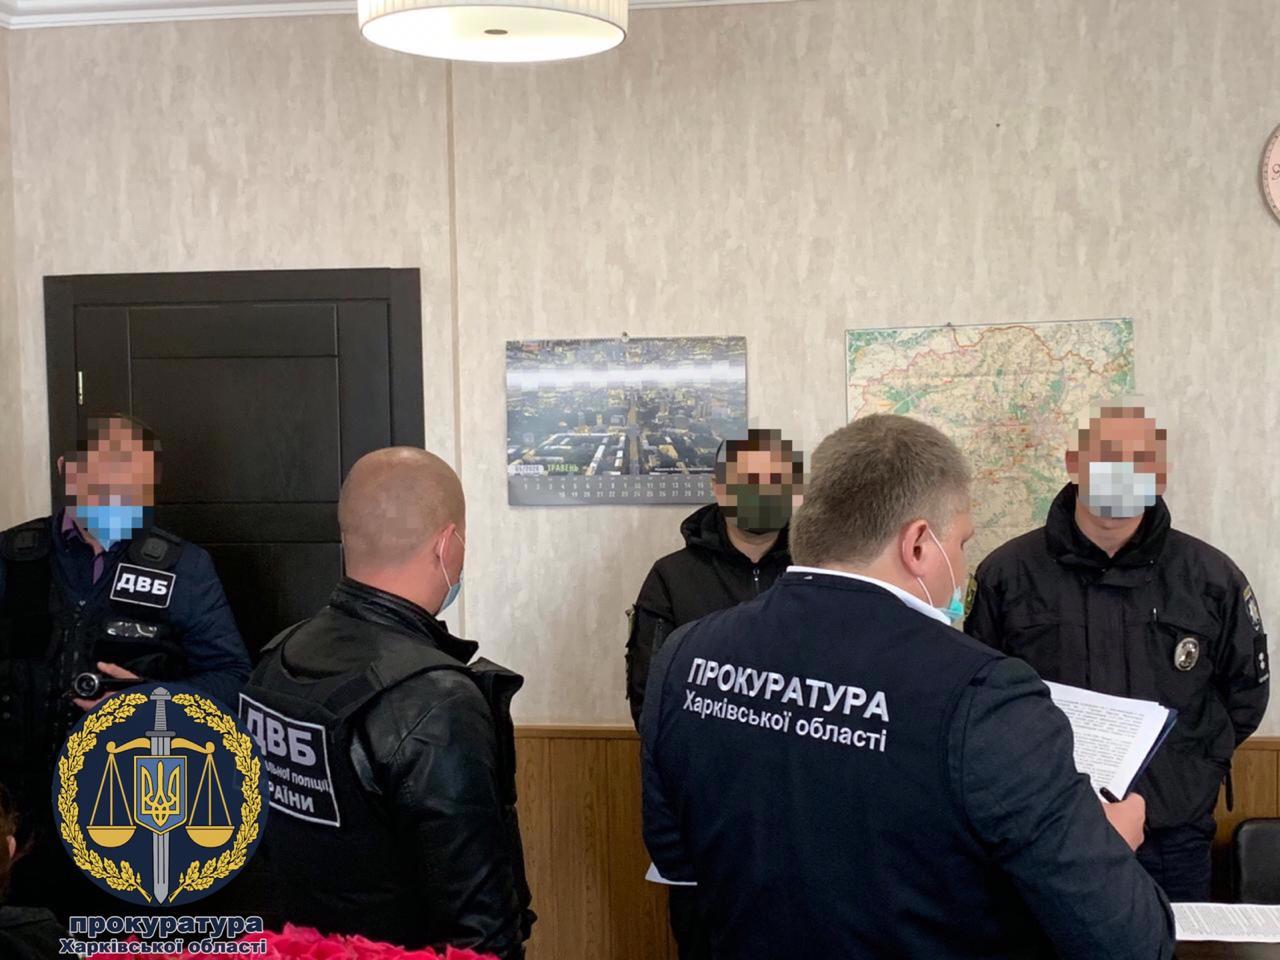 Двое патрульных и эвакуаторщик предстанут перед судом за кражу автомобиля в Харькове